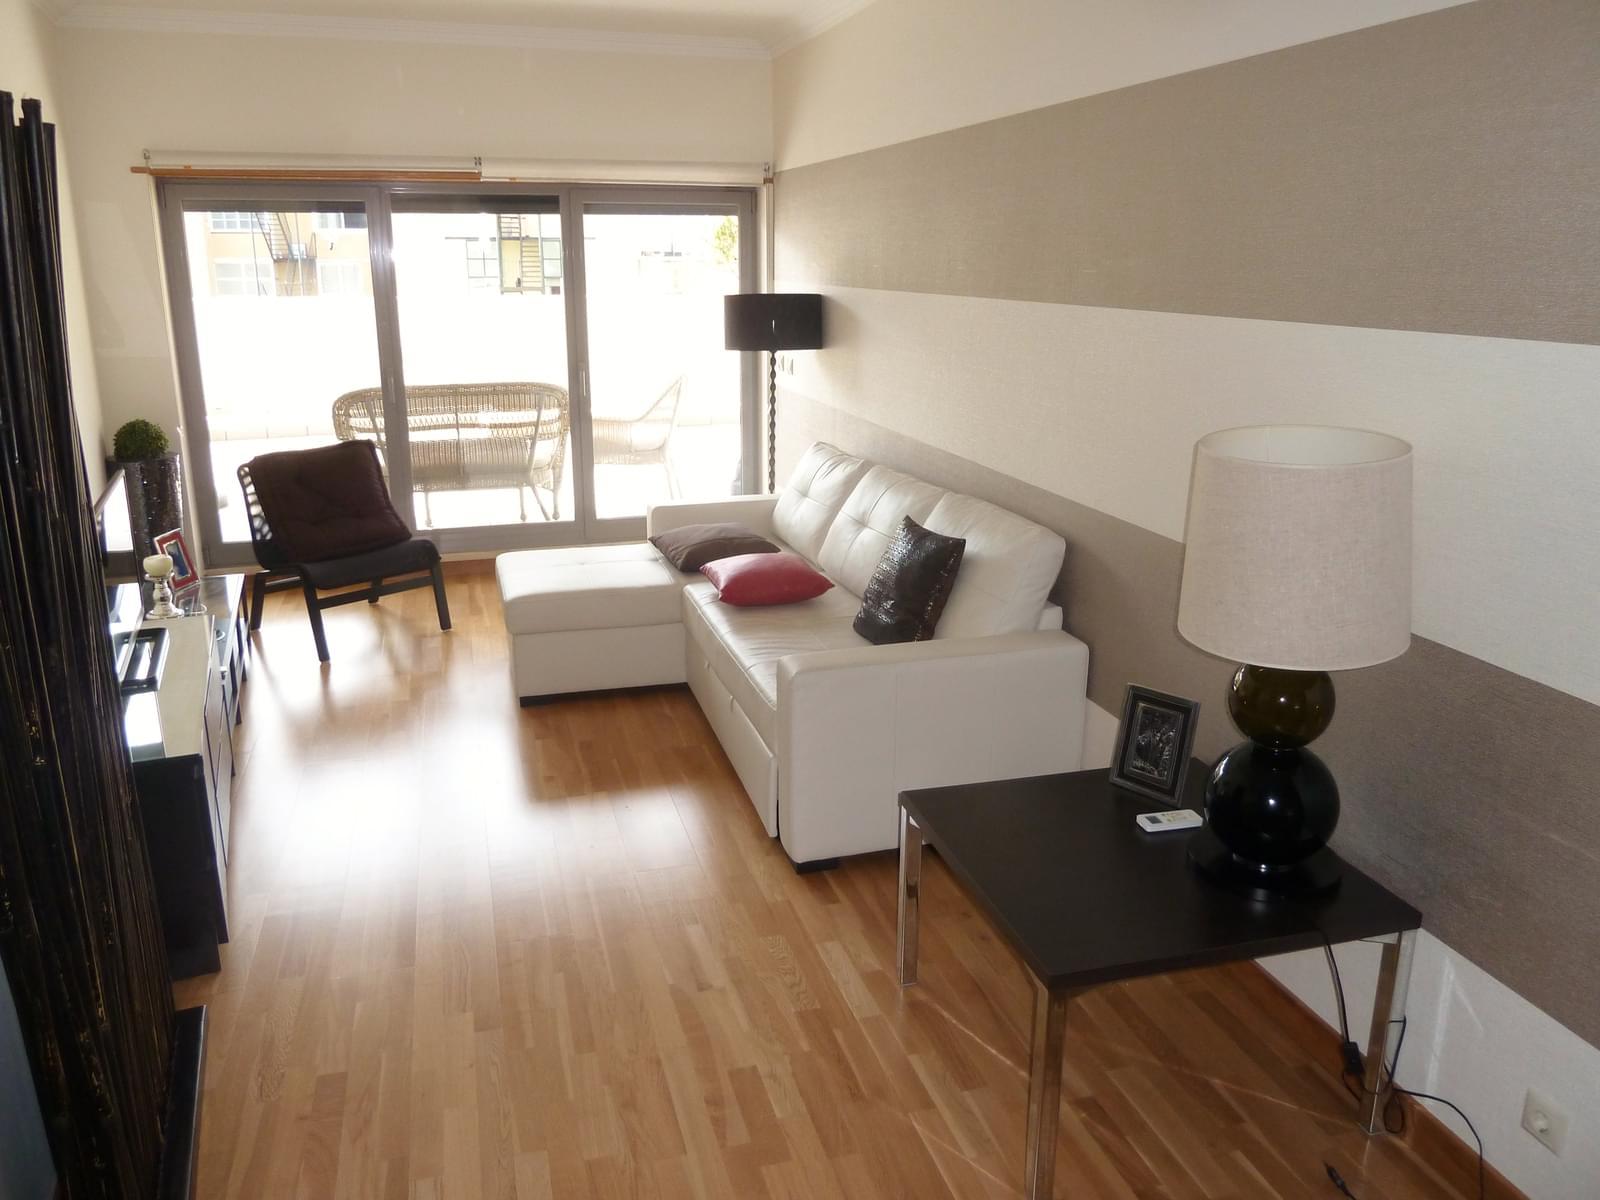 pf16882-apartamento-t2-lisboa-345182f1-565b-40ee-8aef-03e5def106d1